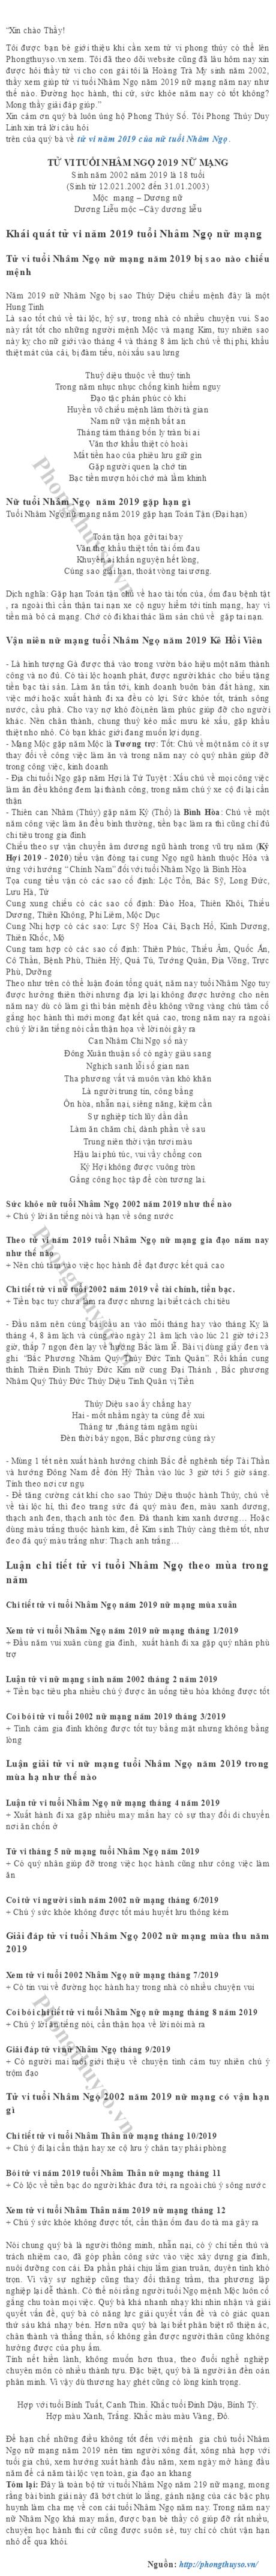 tu-vi-tuoi-nham-ngo-nam-2019-nu-mang